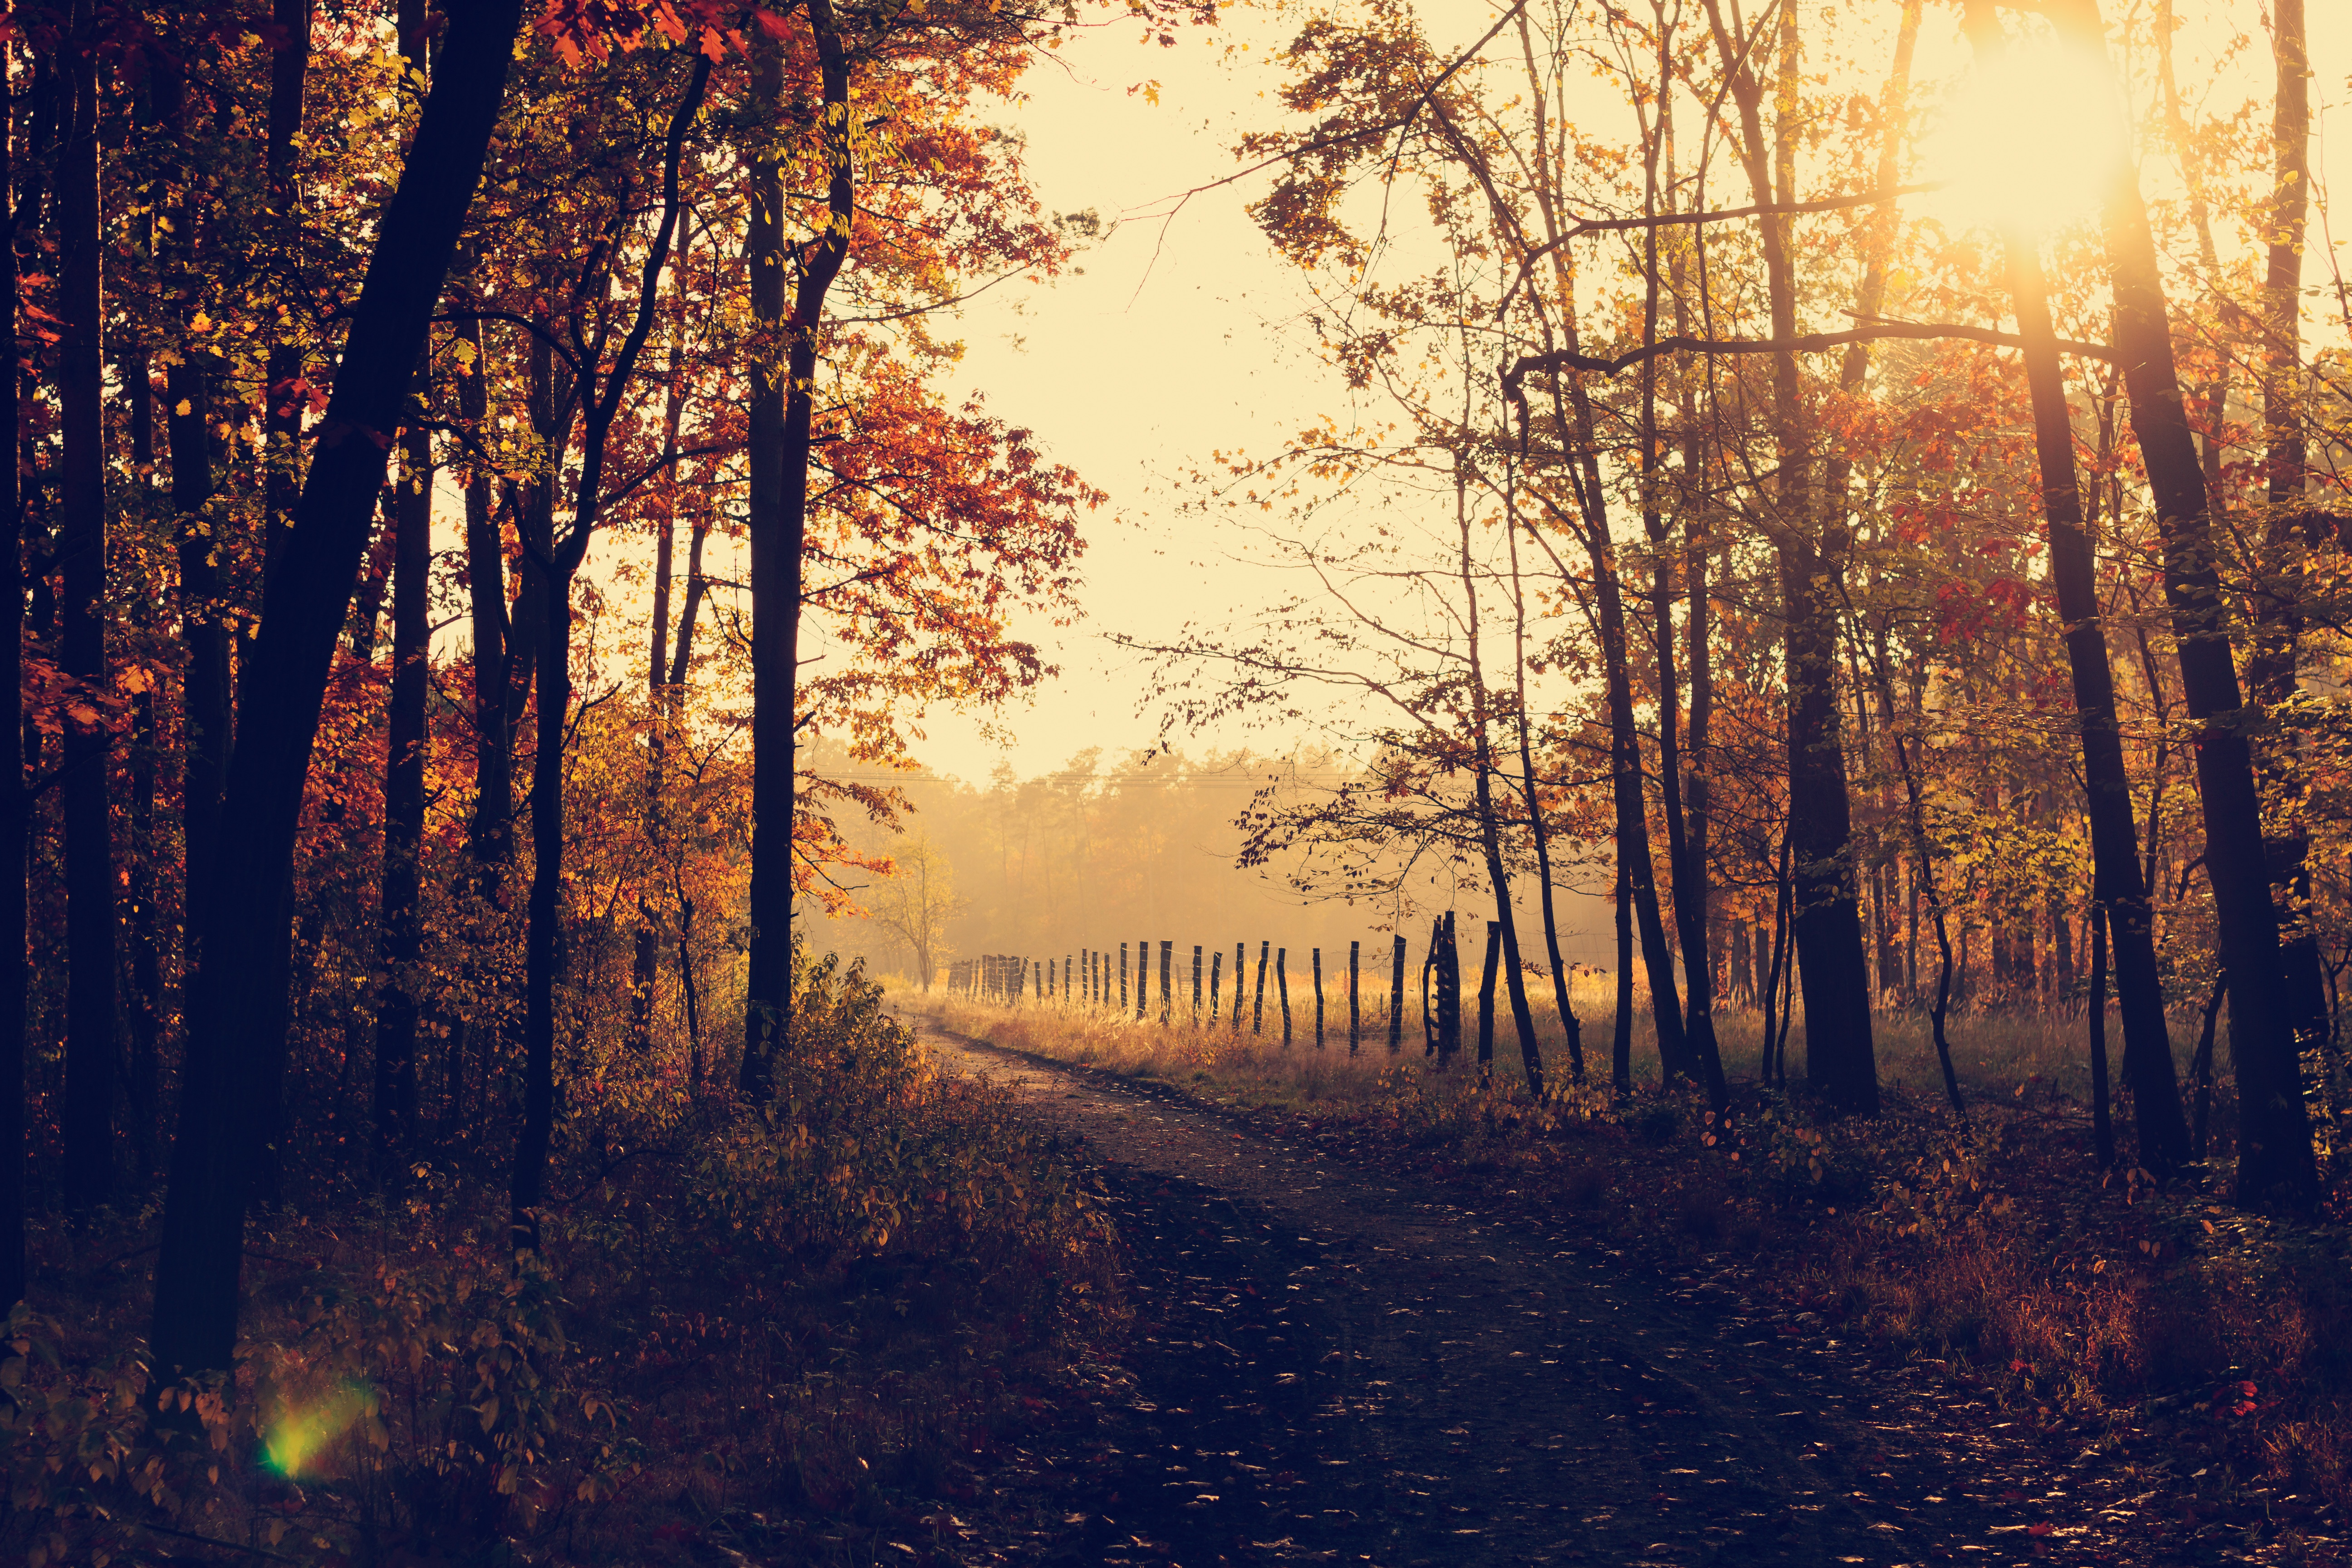 Ein herbstlicher Wald, der von Licht durchflutet wird.